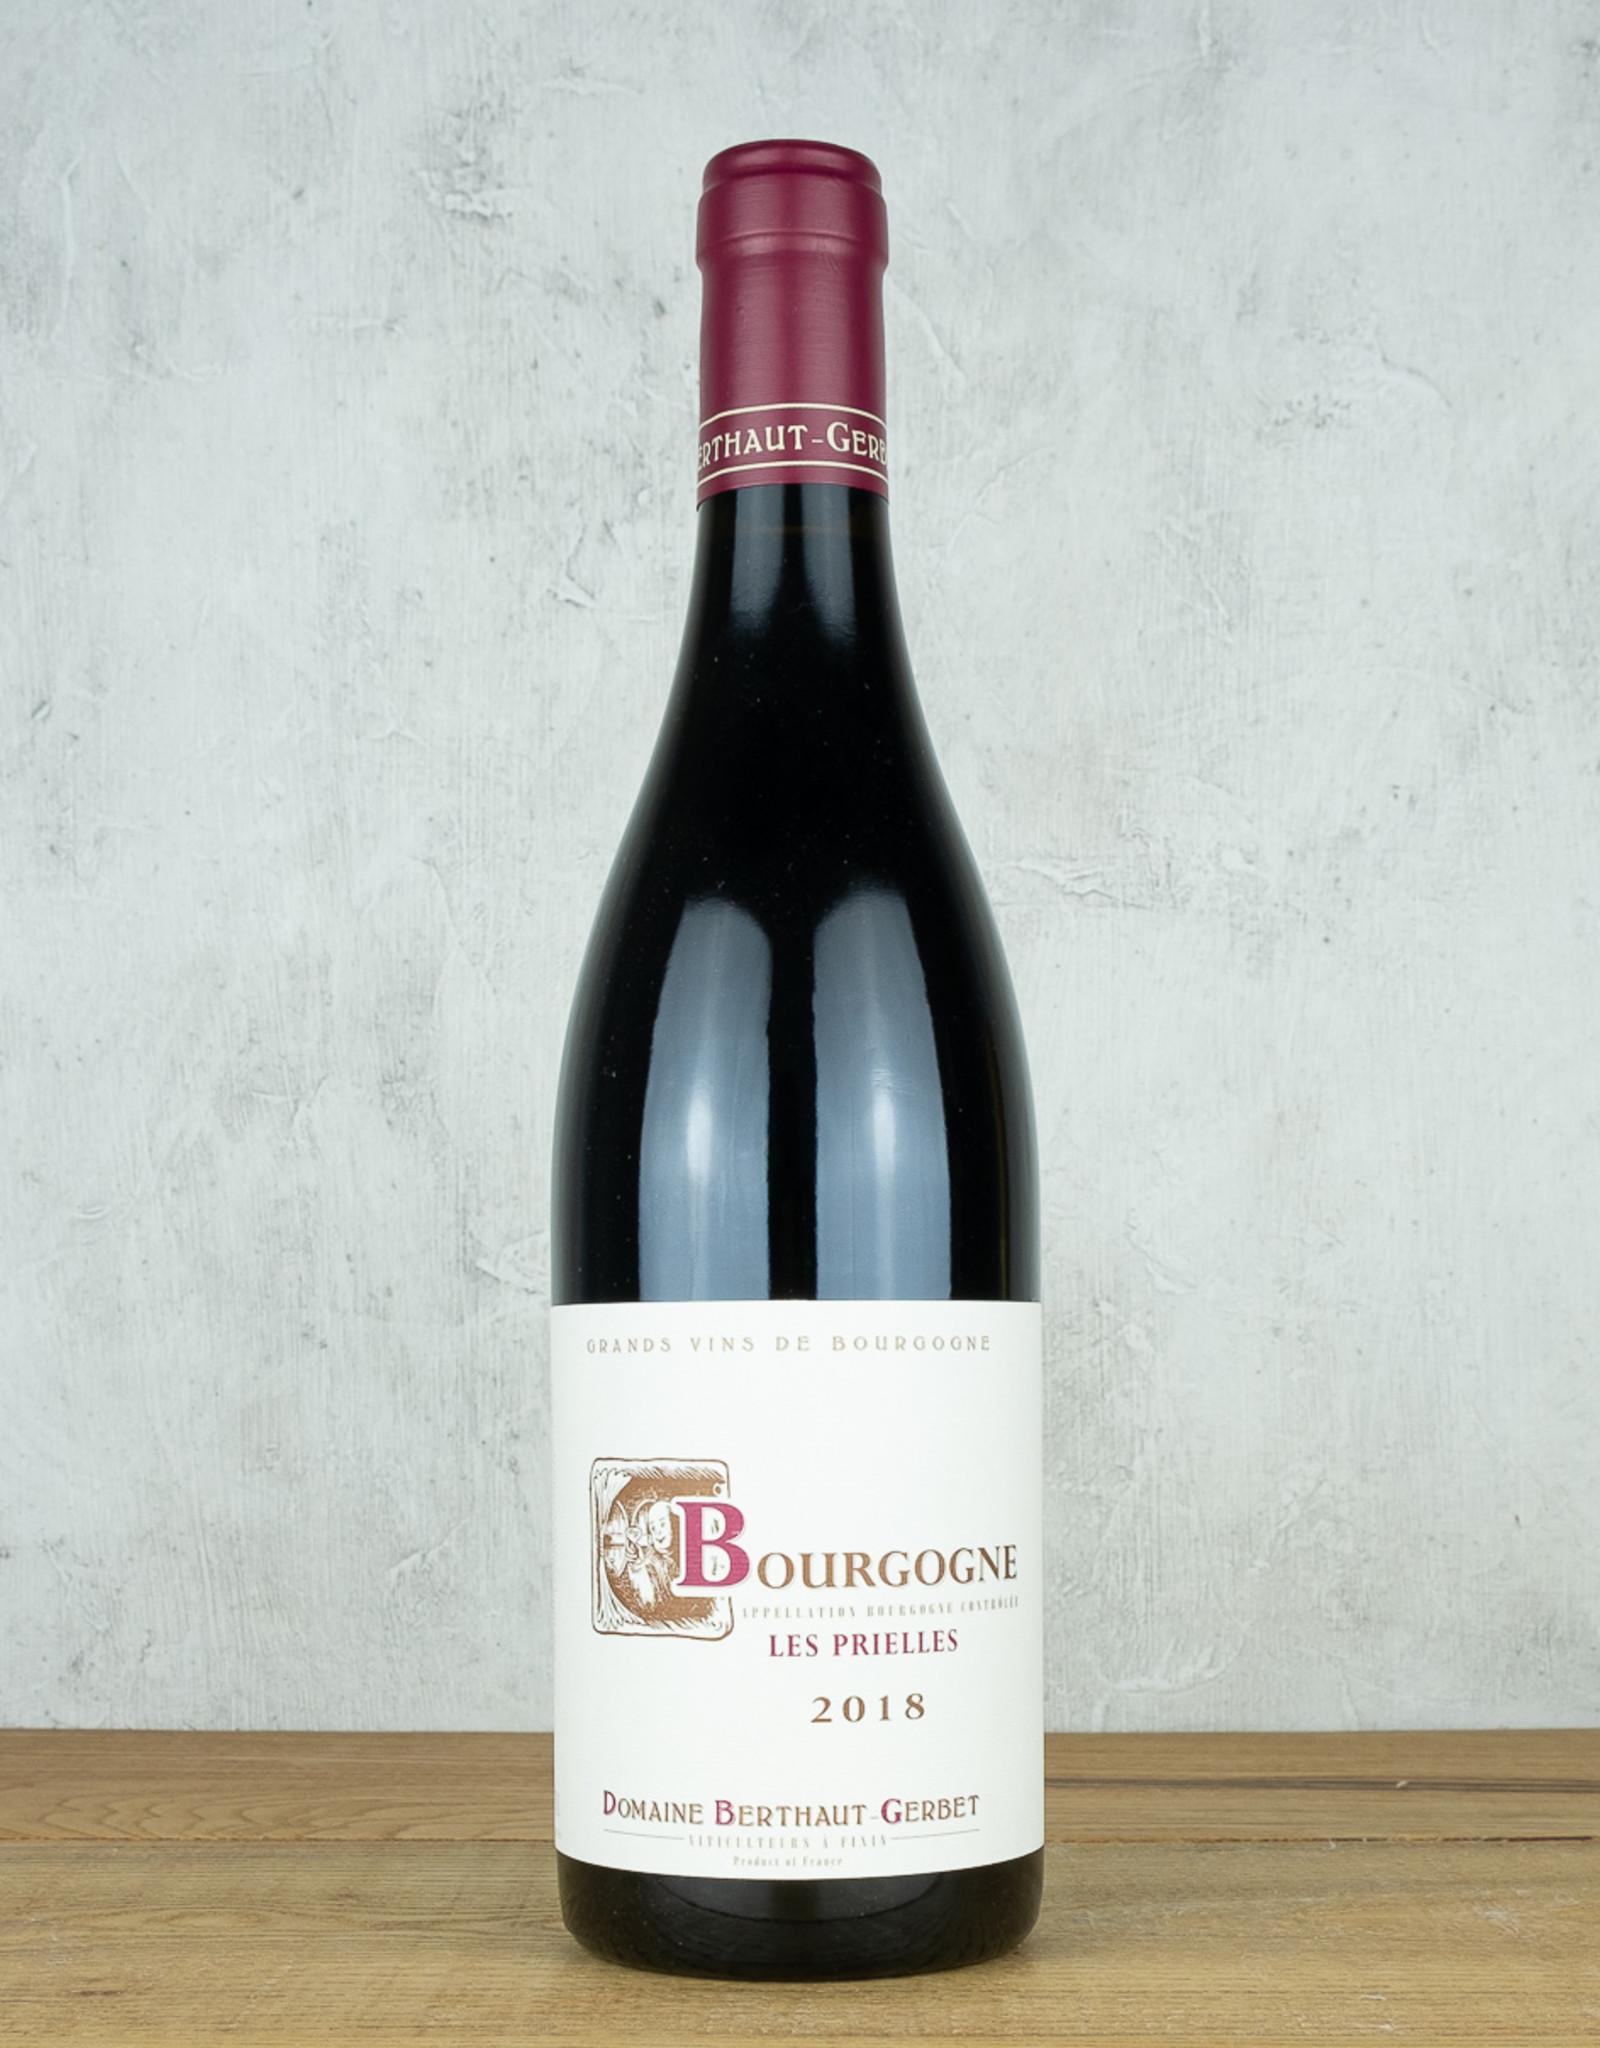 Domaine Berthaut-Gerbet Bourgogne Les Prielles